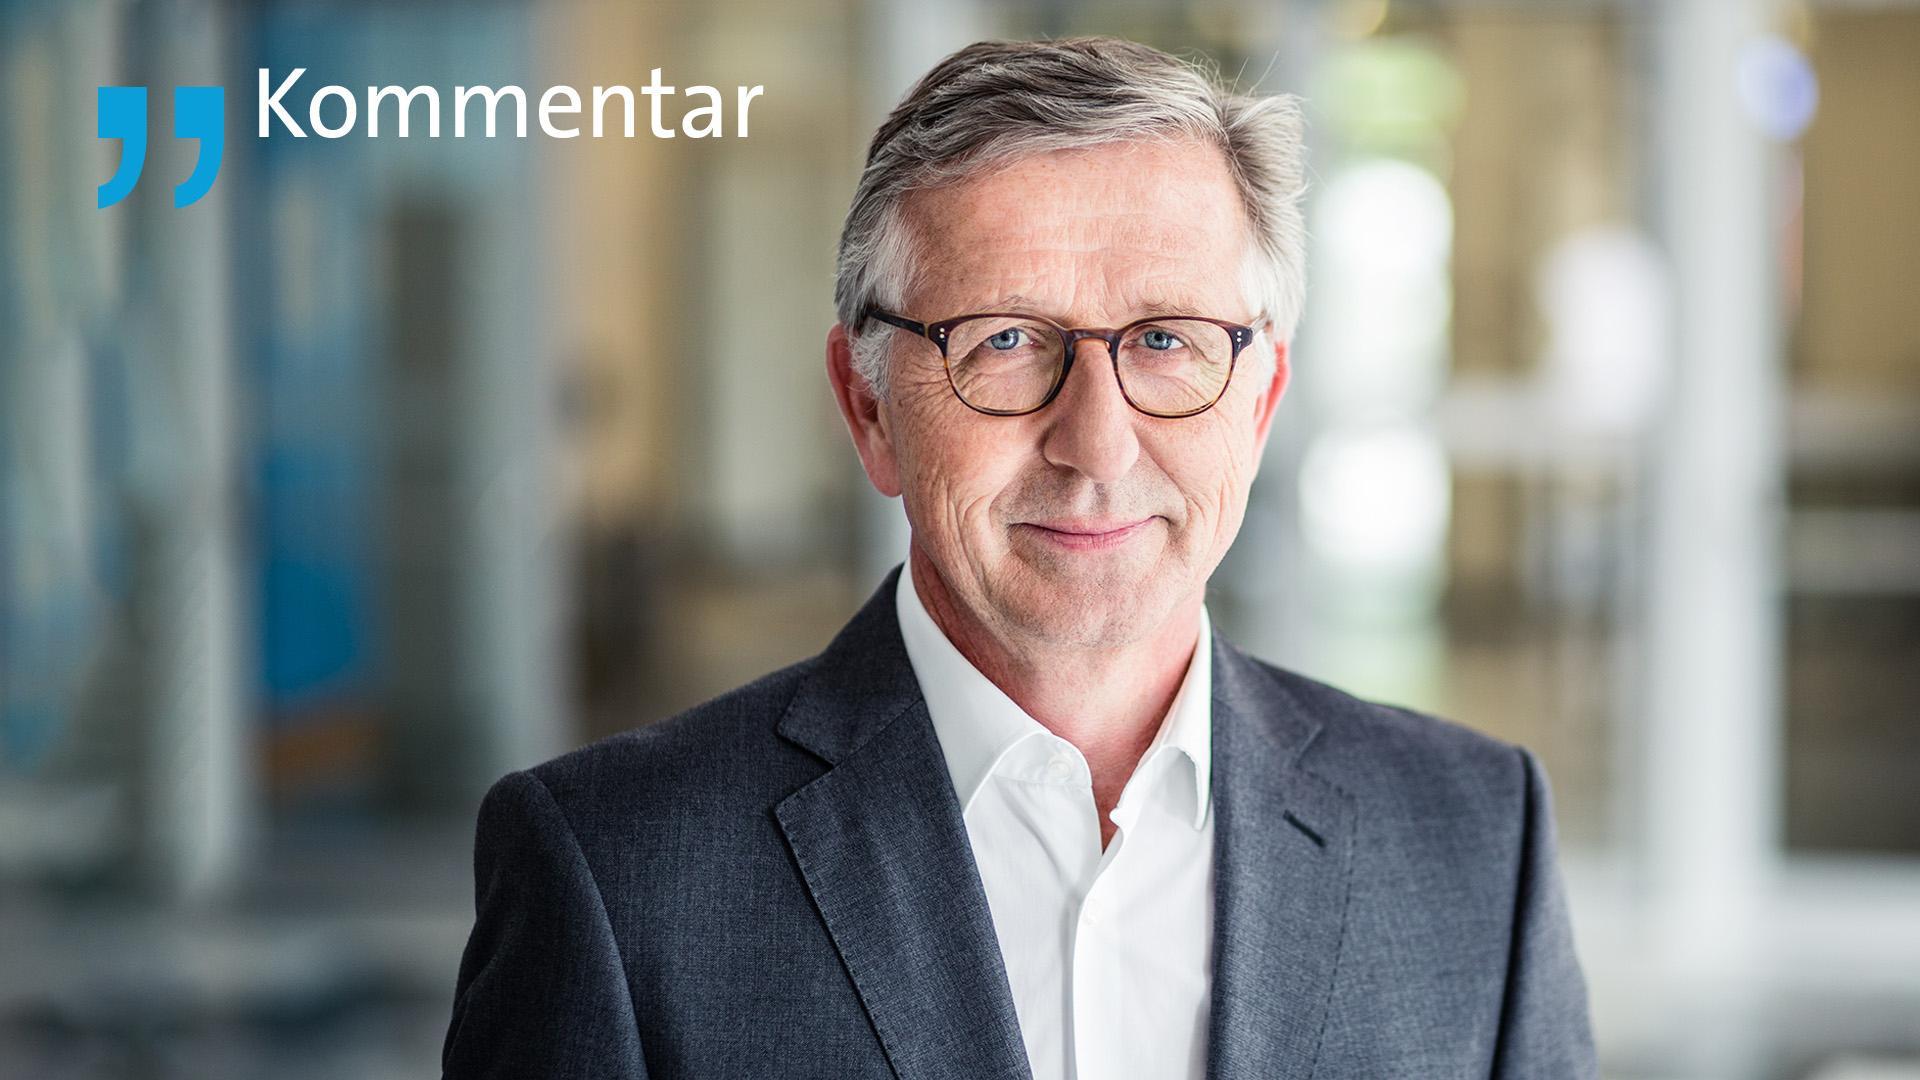 Grüner Bundesvorstand für Regierungspakt mit ÖVP in Österreich